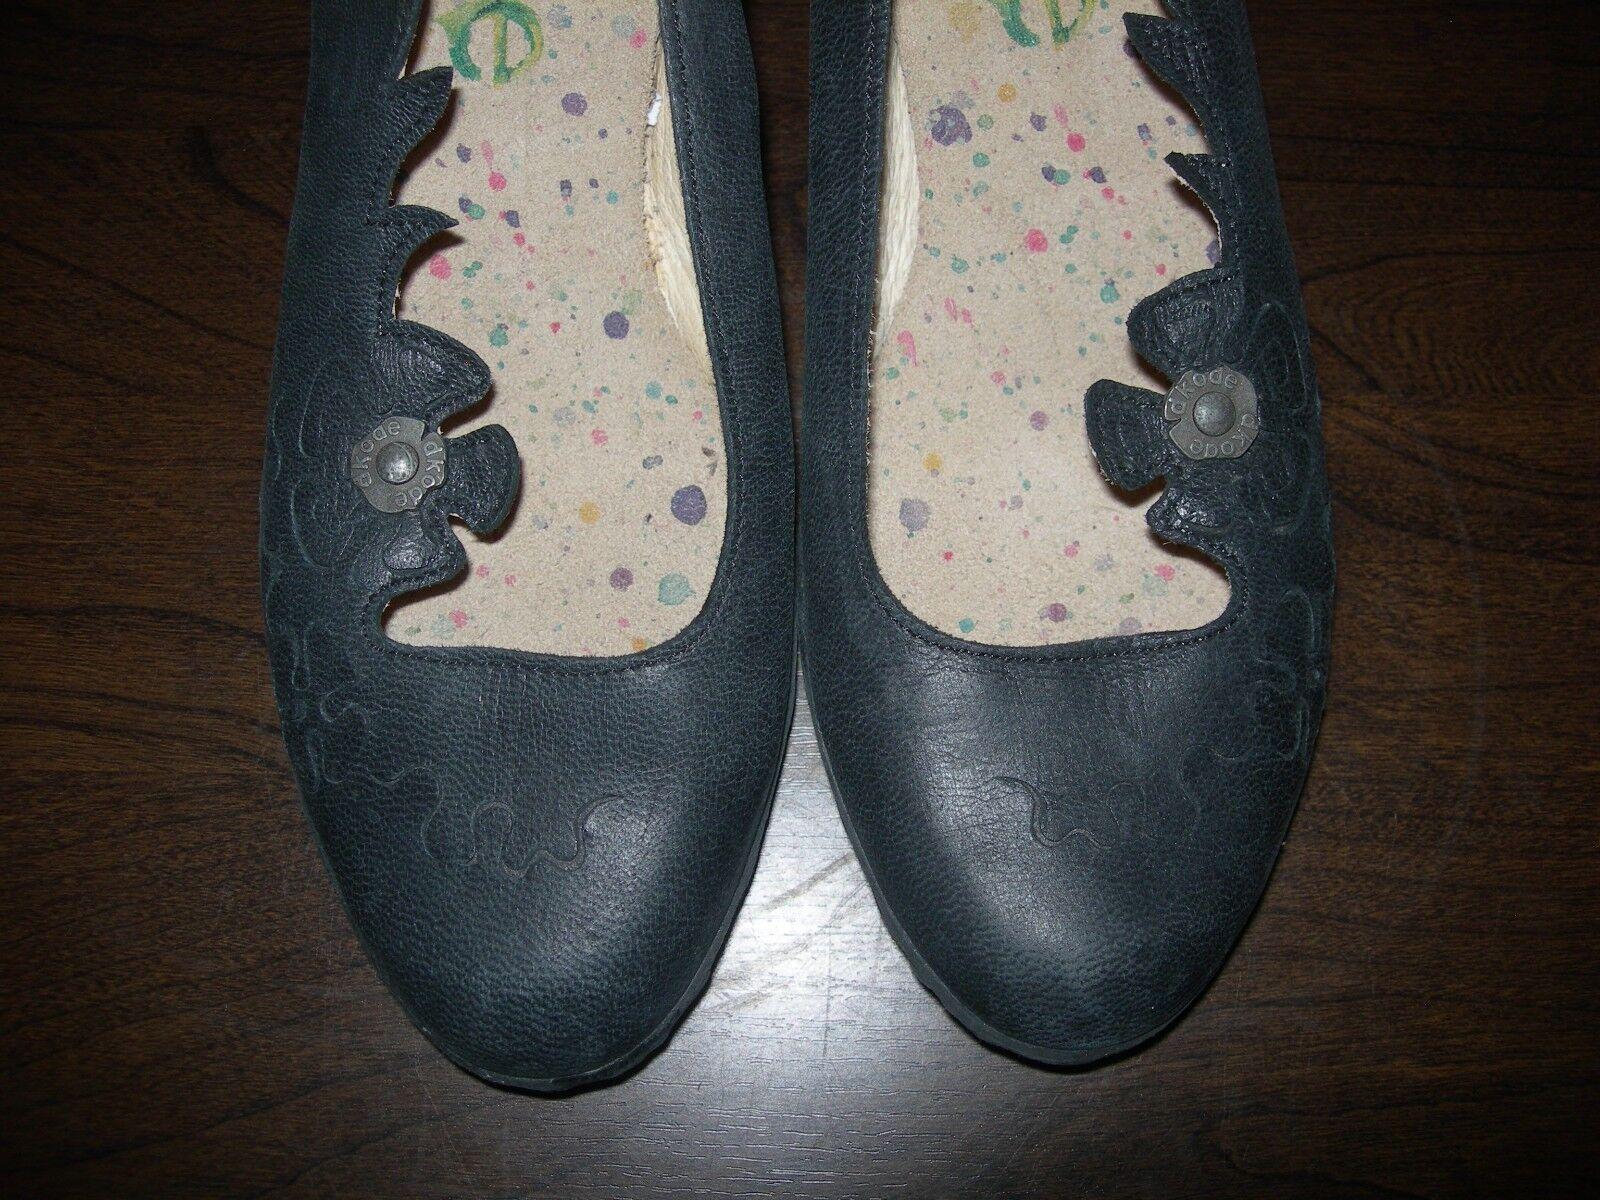 Dkode Zapatos Mujer Sin Cordones Cordones Cordones Tacones De Cuero Negro Floral EU 37 - 37.5 UK 4 - 4.5 c2f9a4